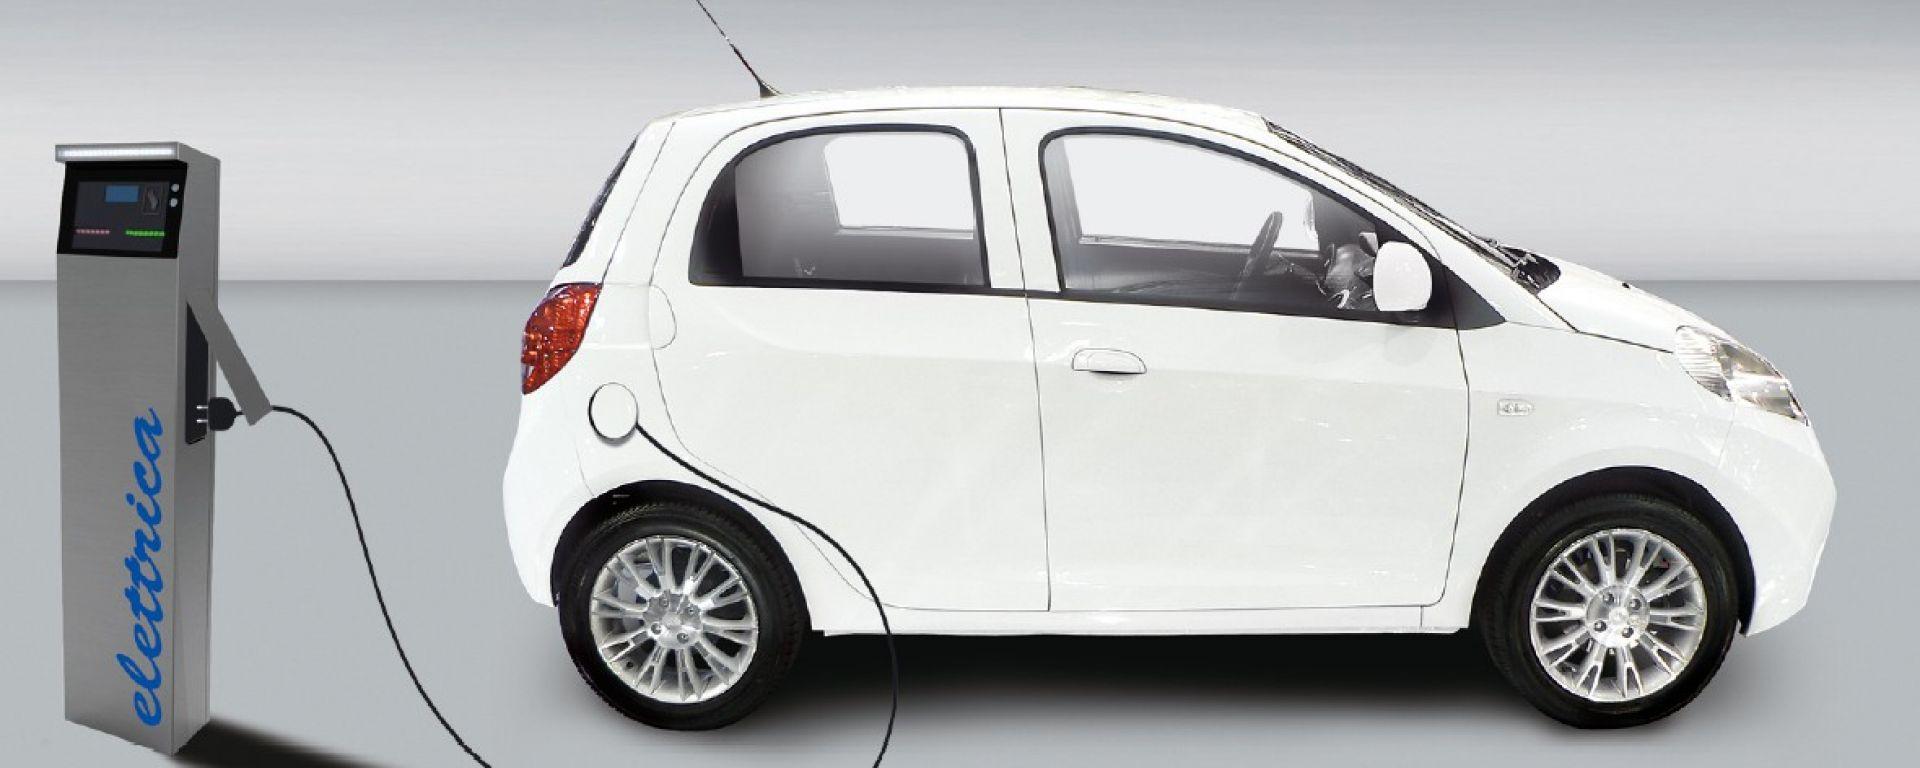 Auto elettriche dr1 elettrica motorbox for 1 1 2 box auto